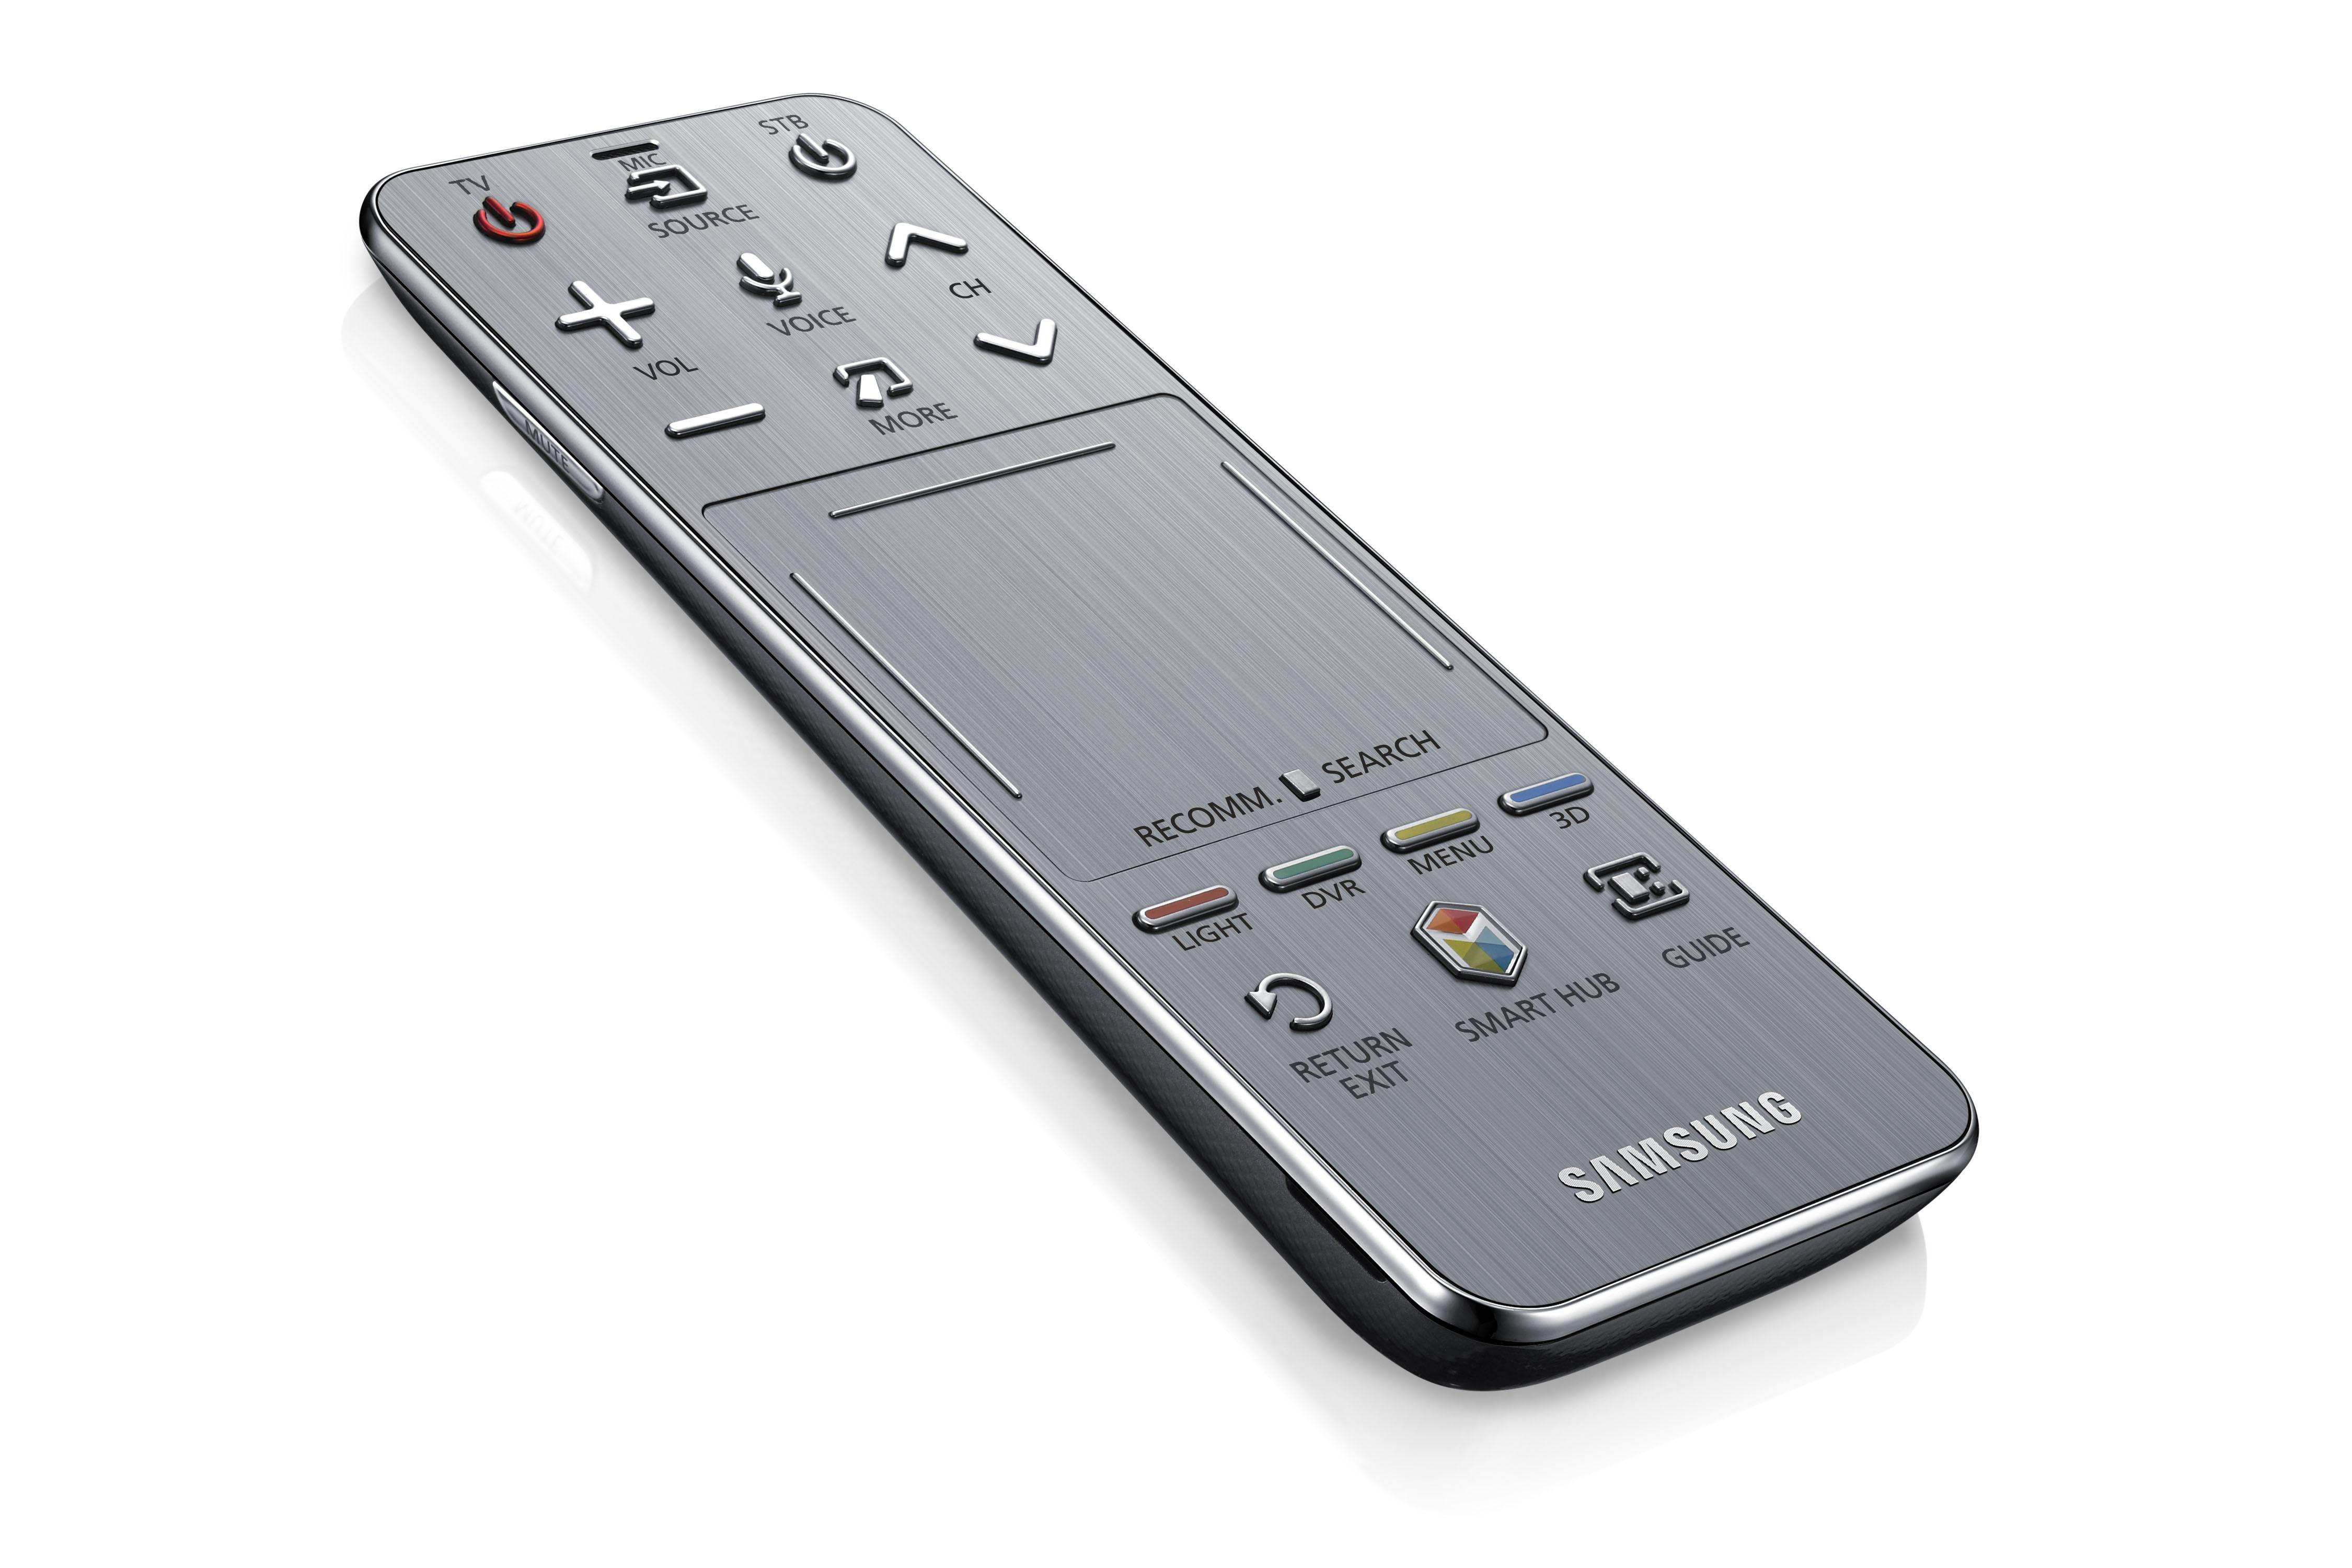 пульт для телевизора samsung smart tv скачать на самсунг